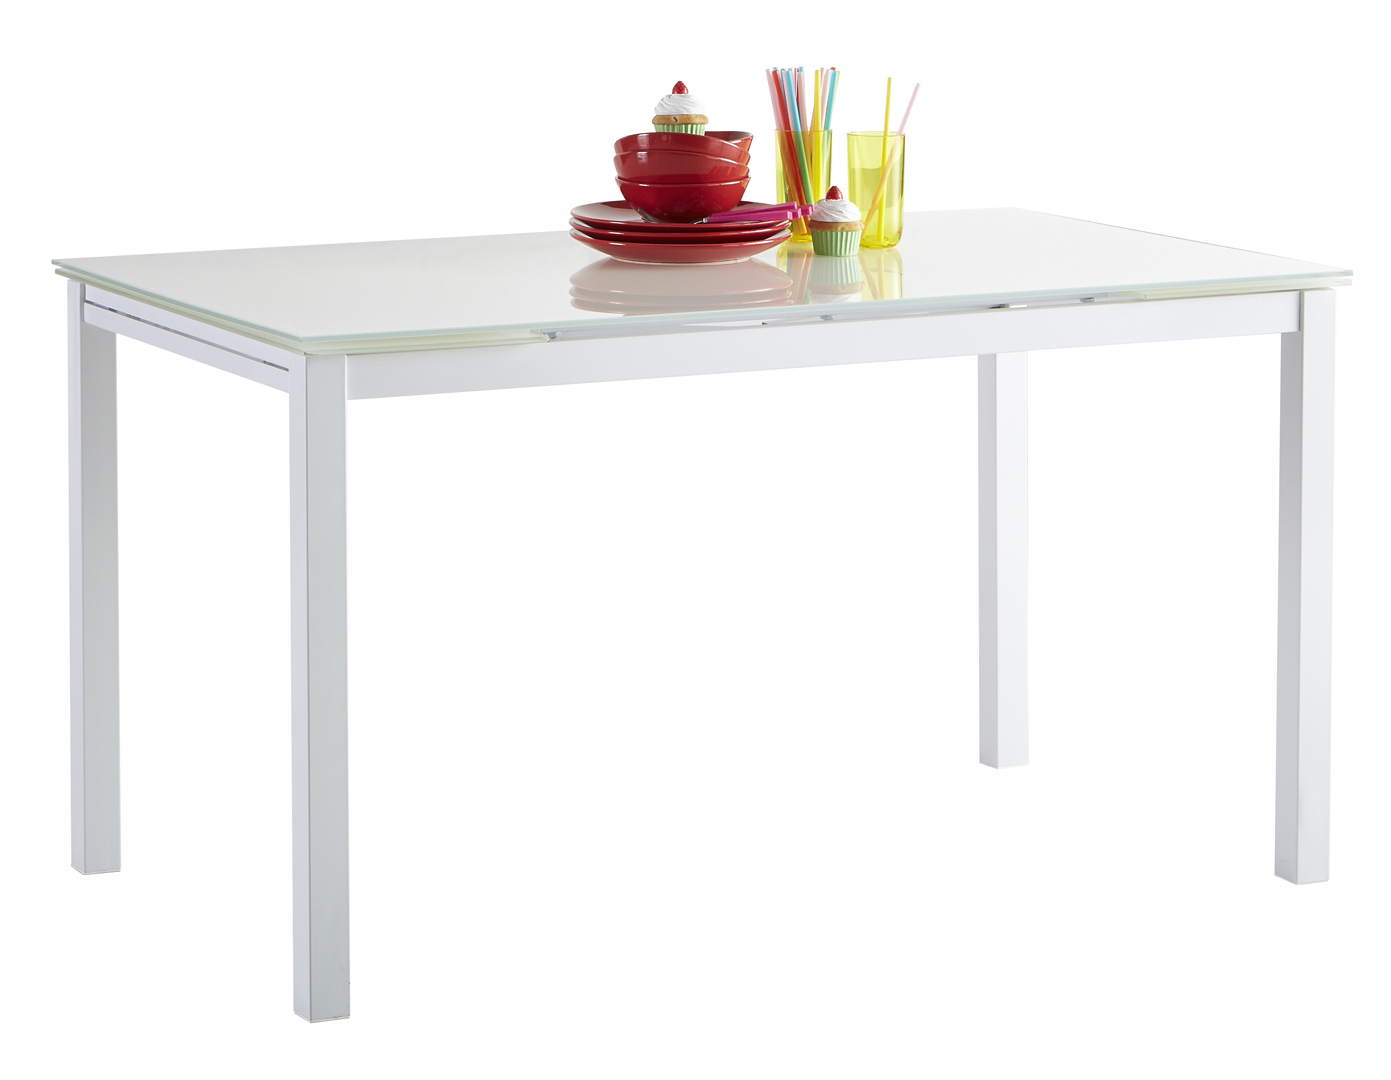 Table De Cuisine Blanche Contemporaine Extensible Metal Et Verre